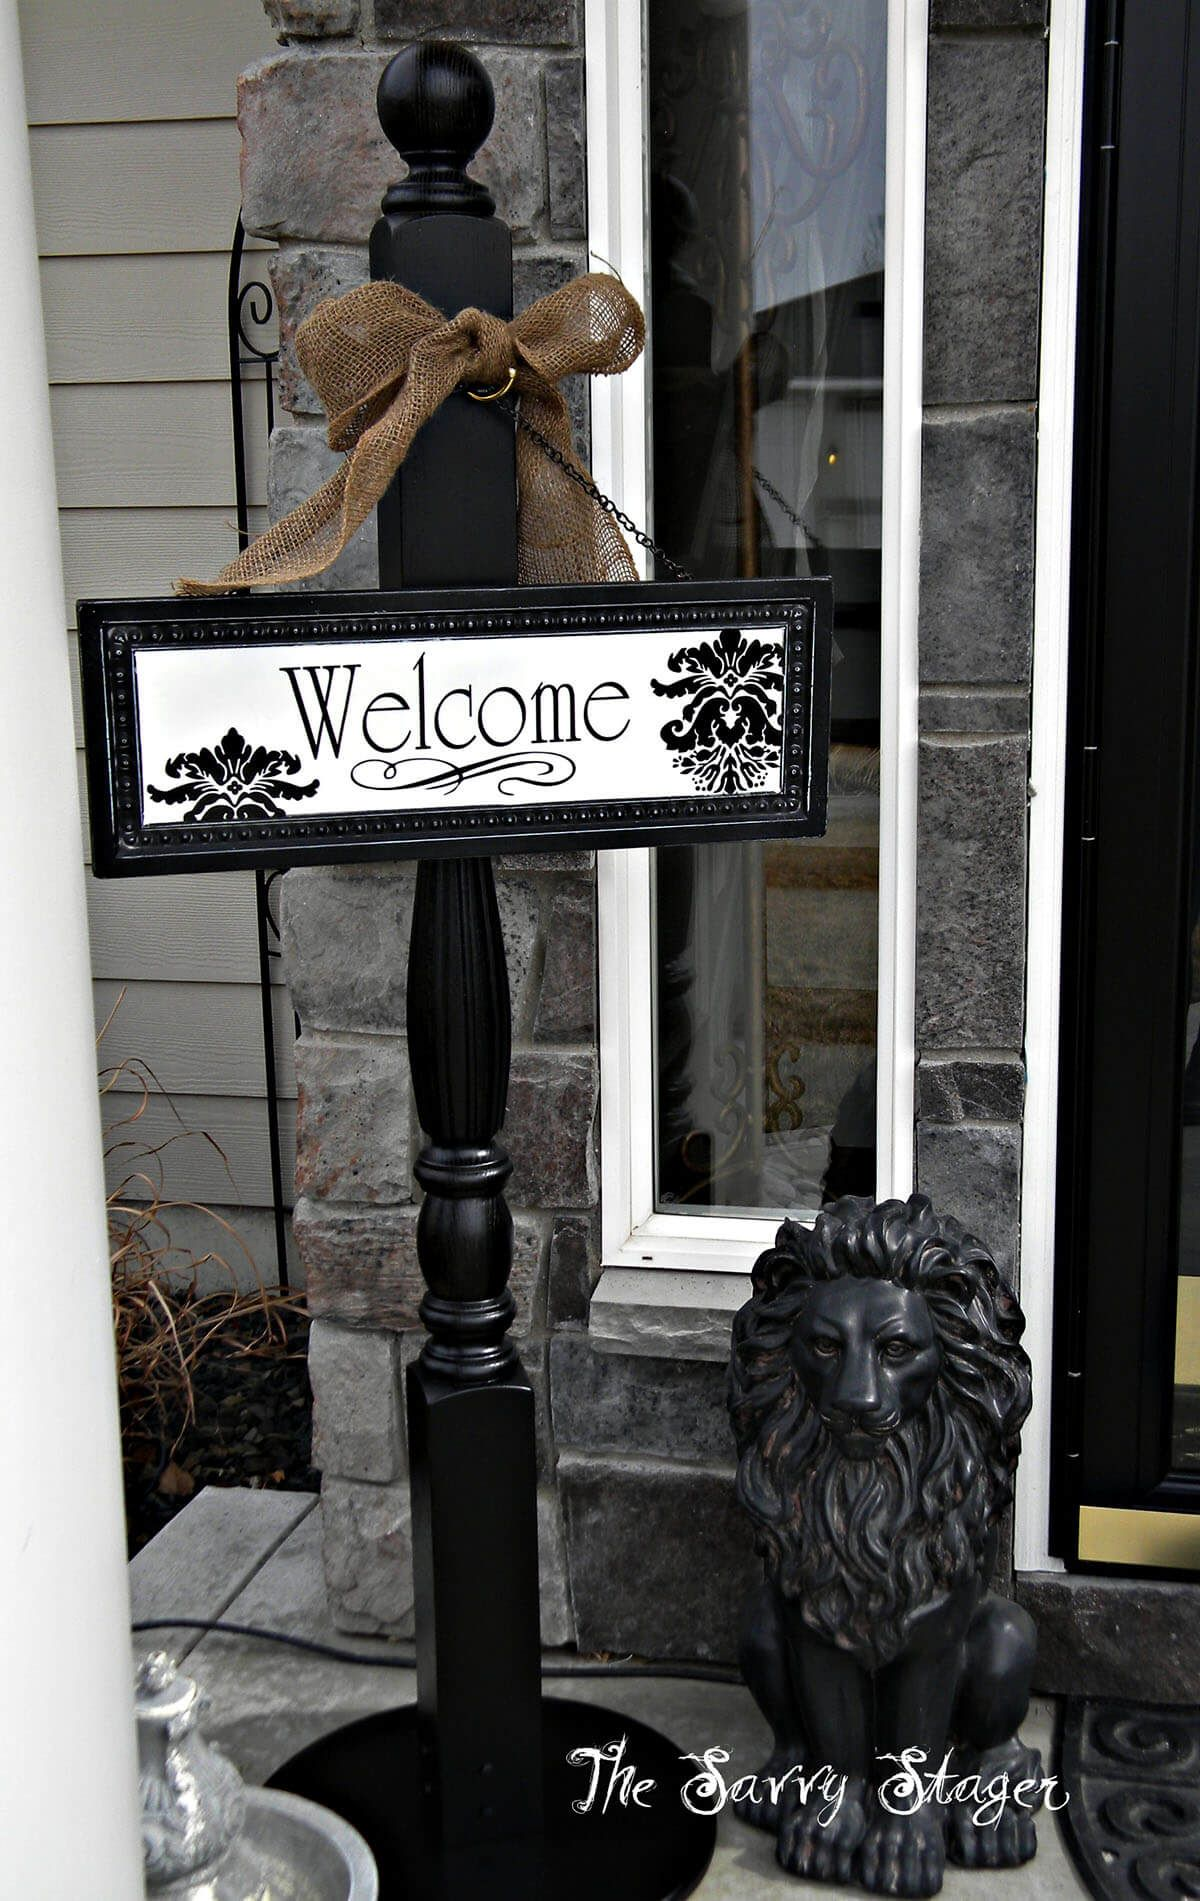 24 schöne Veranda Welcome Post Ideen die Ihre Gäste fühlen lassen begrüßt 24 schöne Veranda Welcome Post Ideen die Ihre Gäste füh...